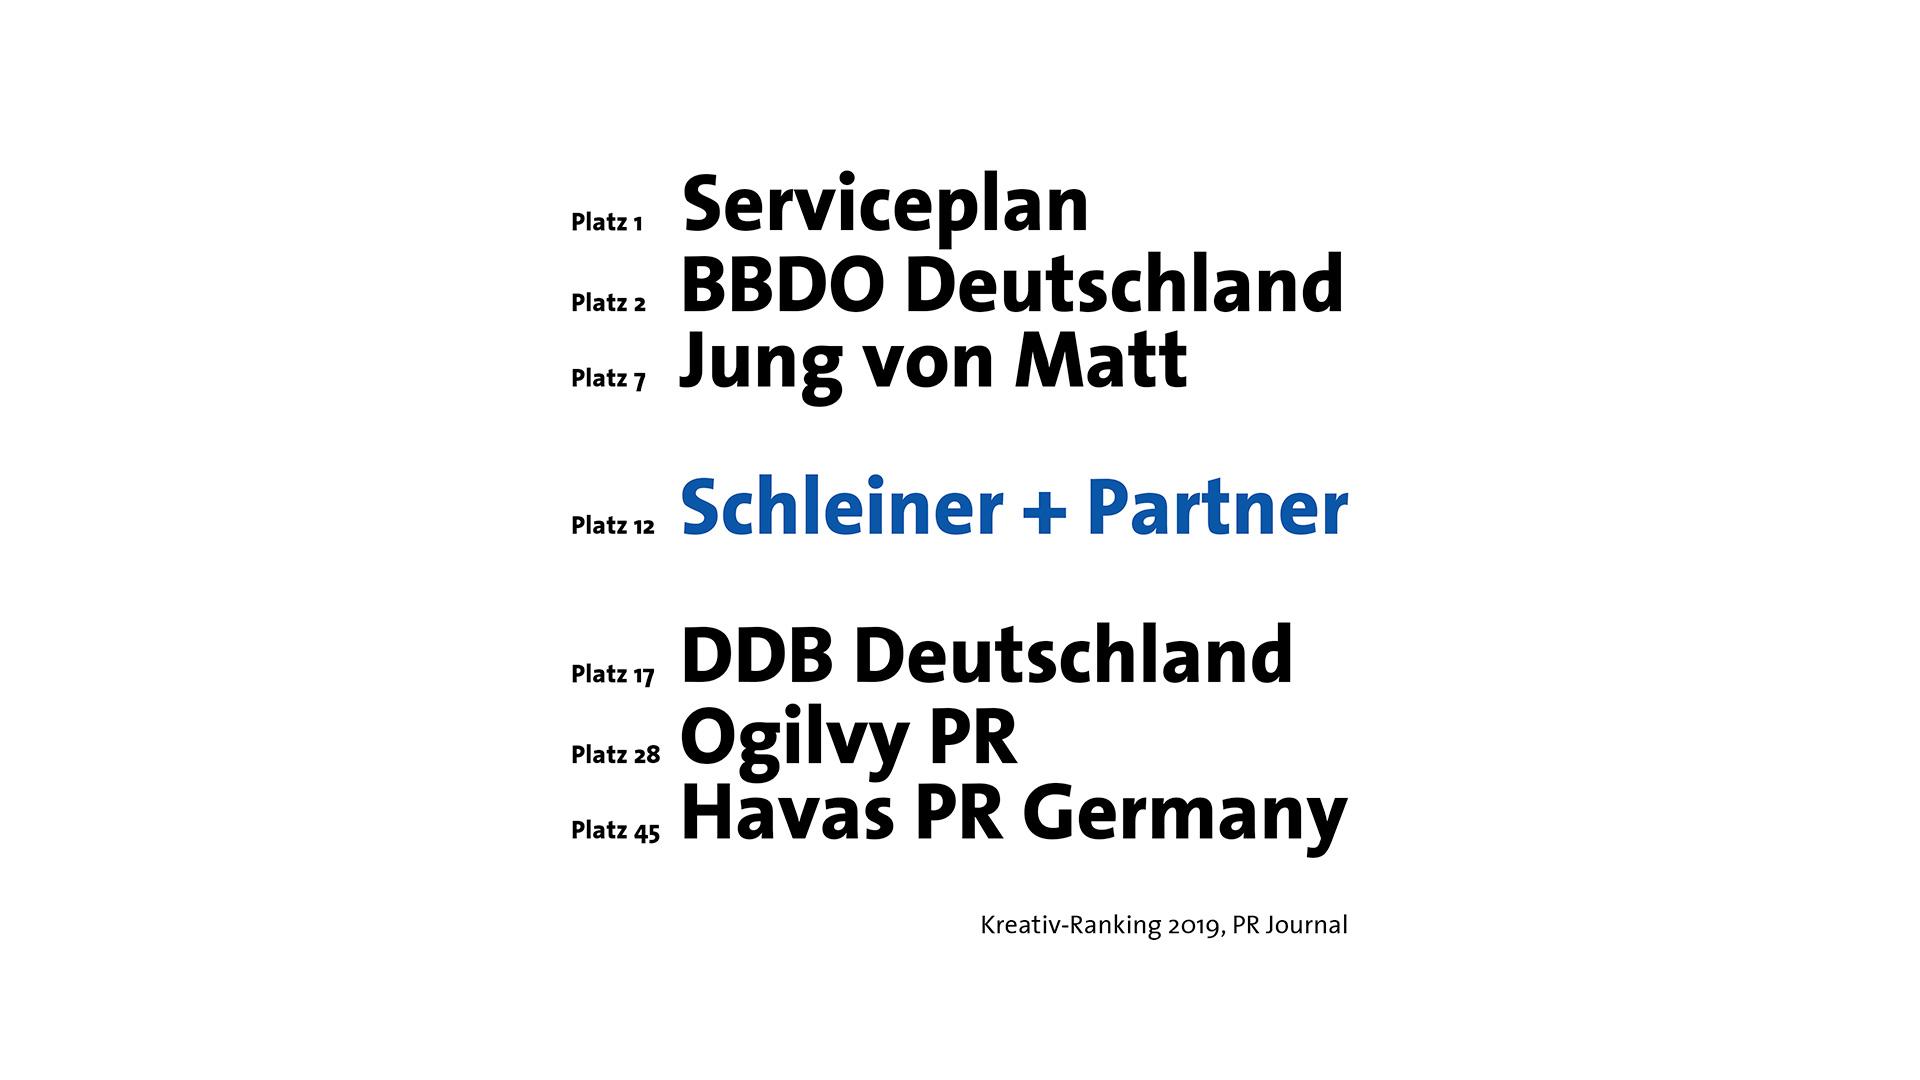 Kreativ Ranking 2019 des PR Journal. Schleiner + Partner ist auf Platz 12 und mischt bei den großen Werbeagenturen mit